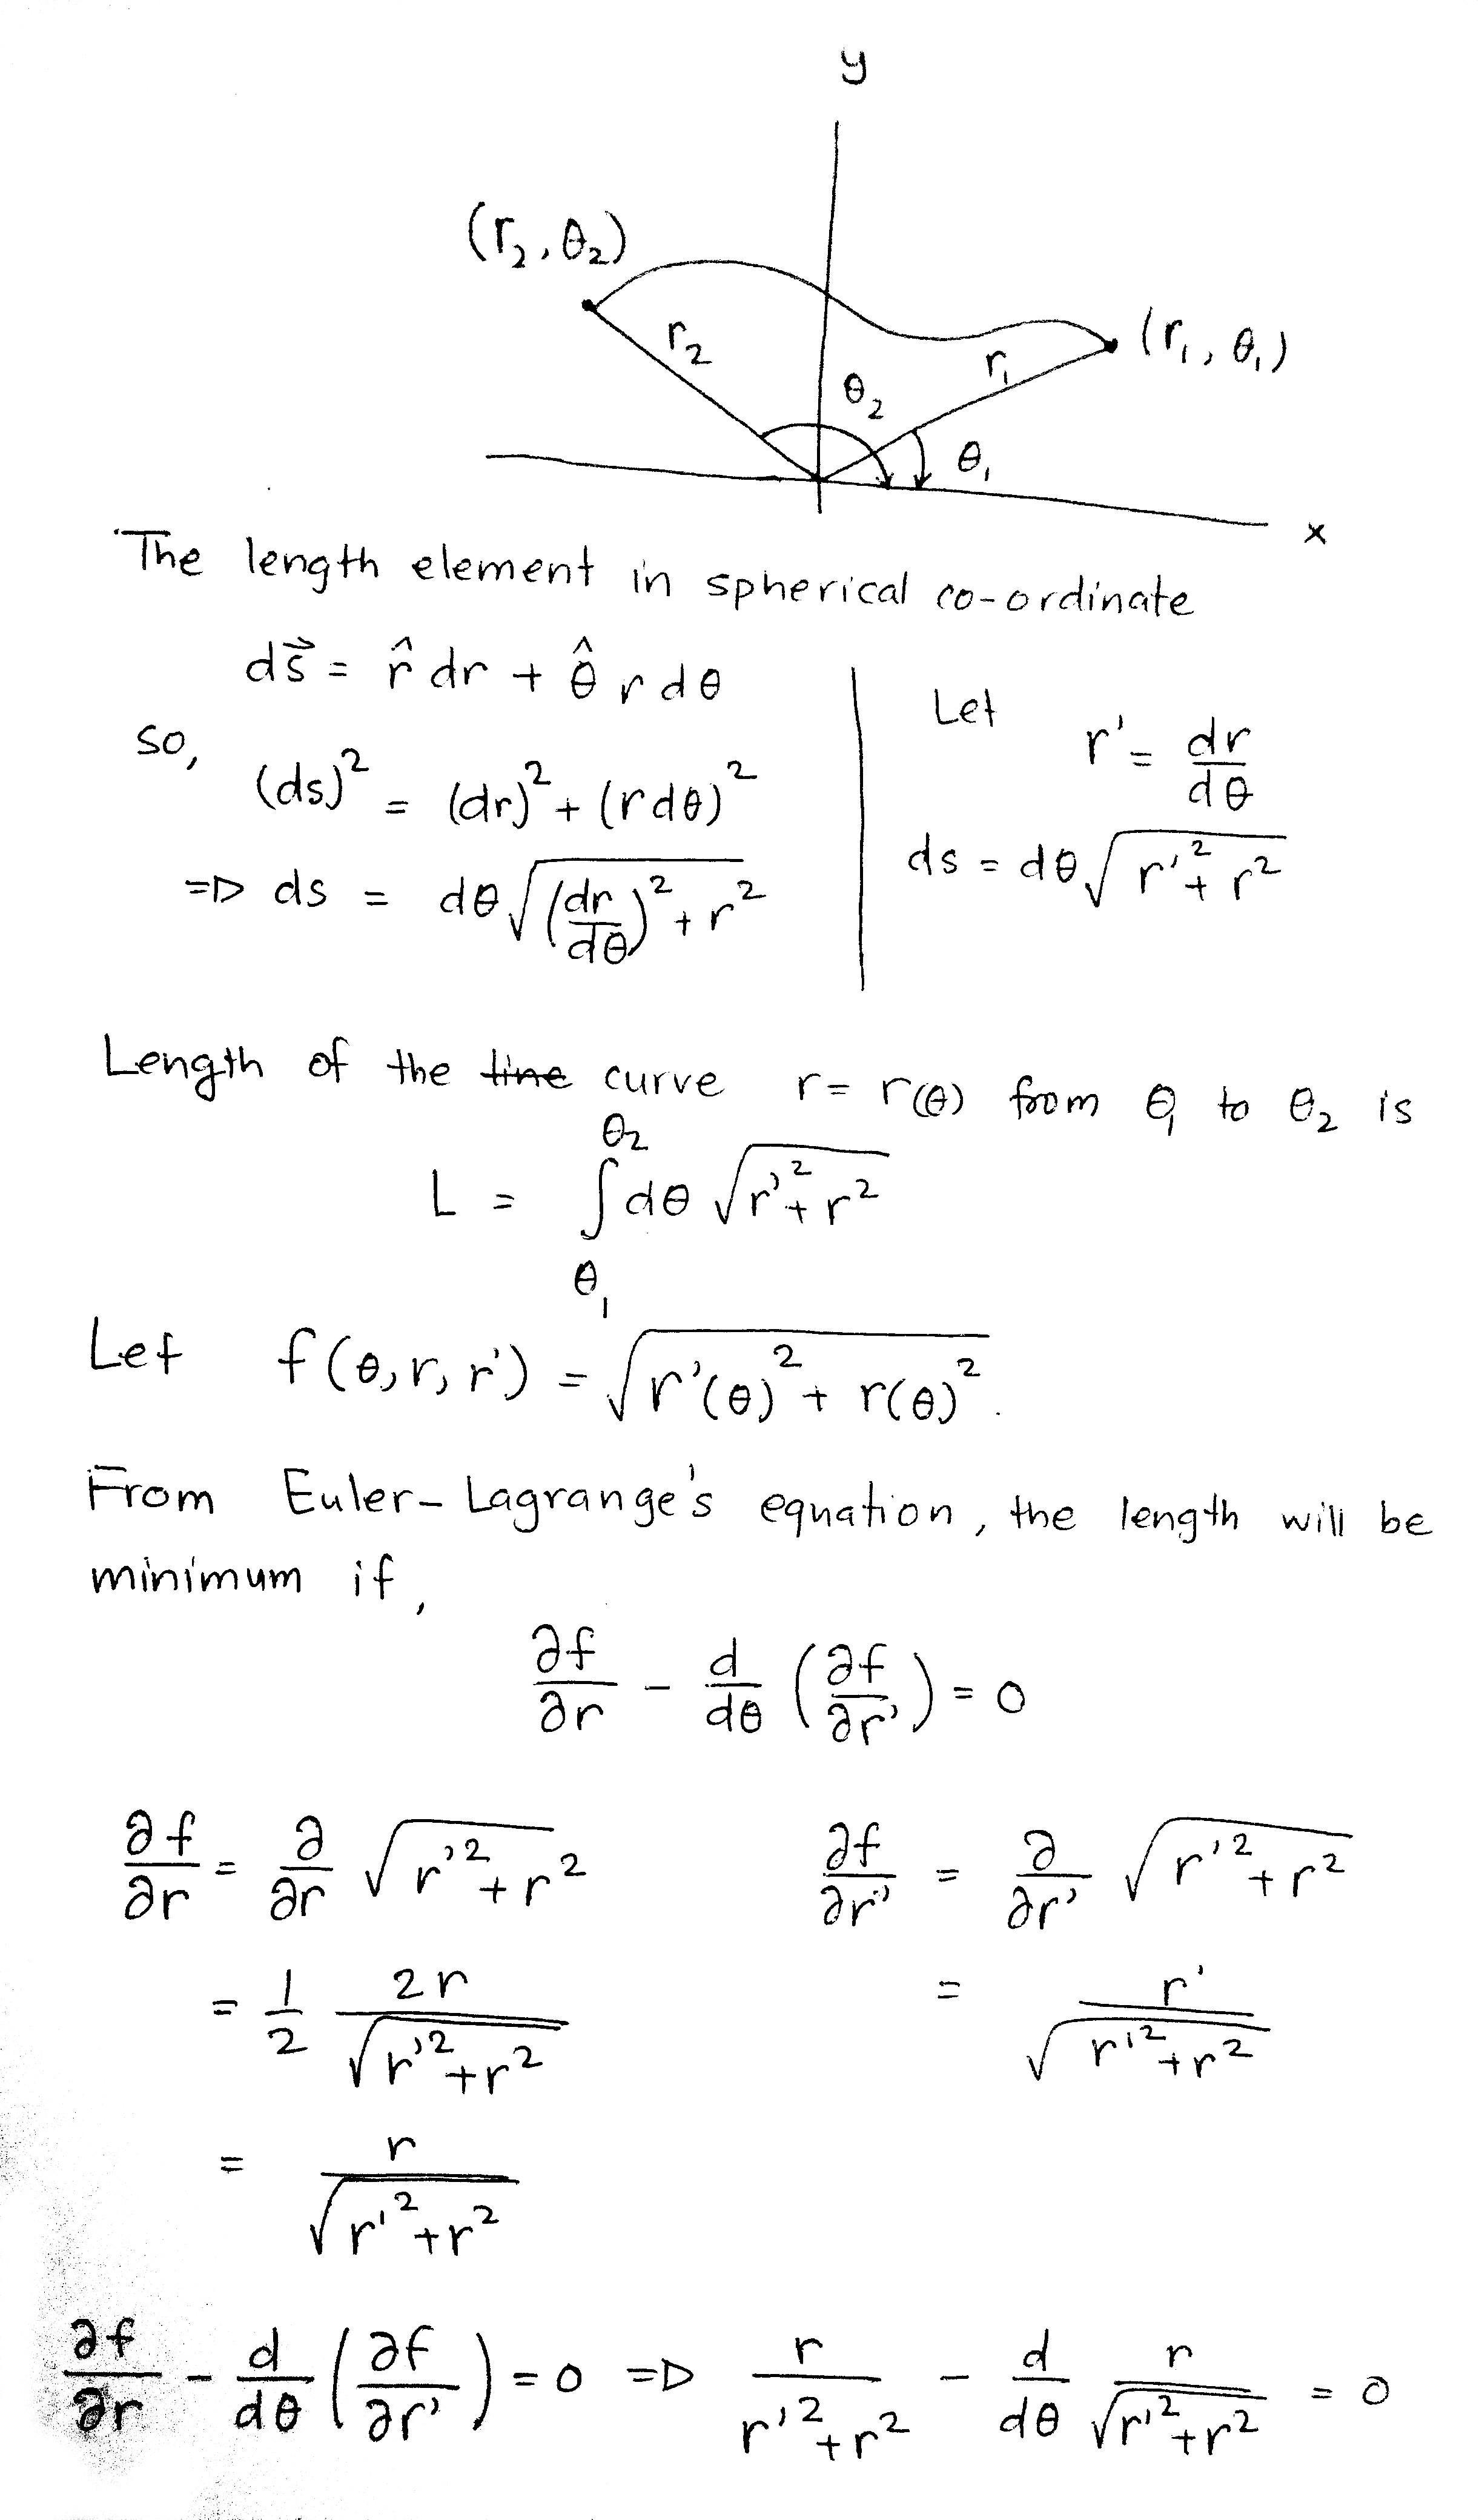 Equao De Euler Lagrange